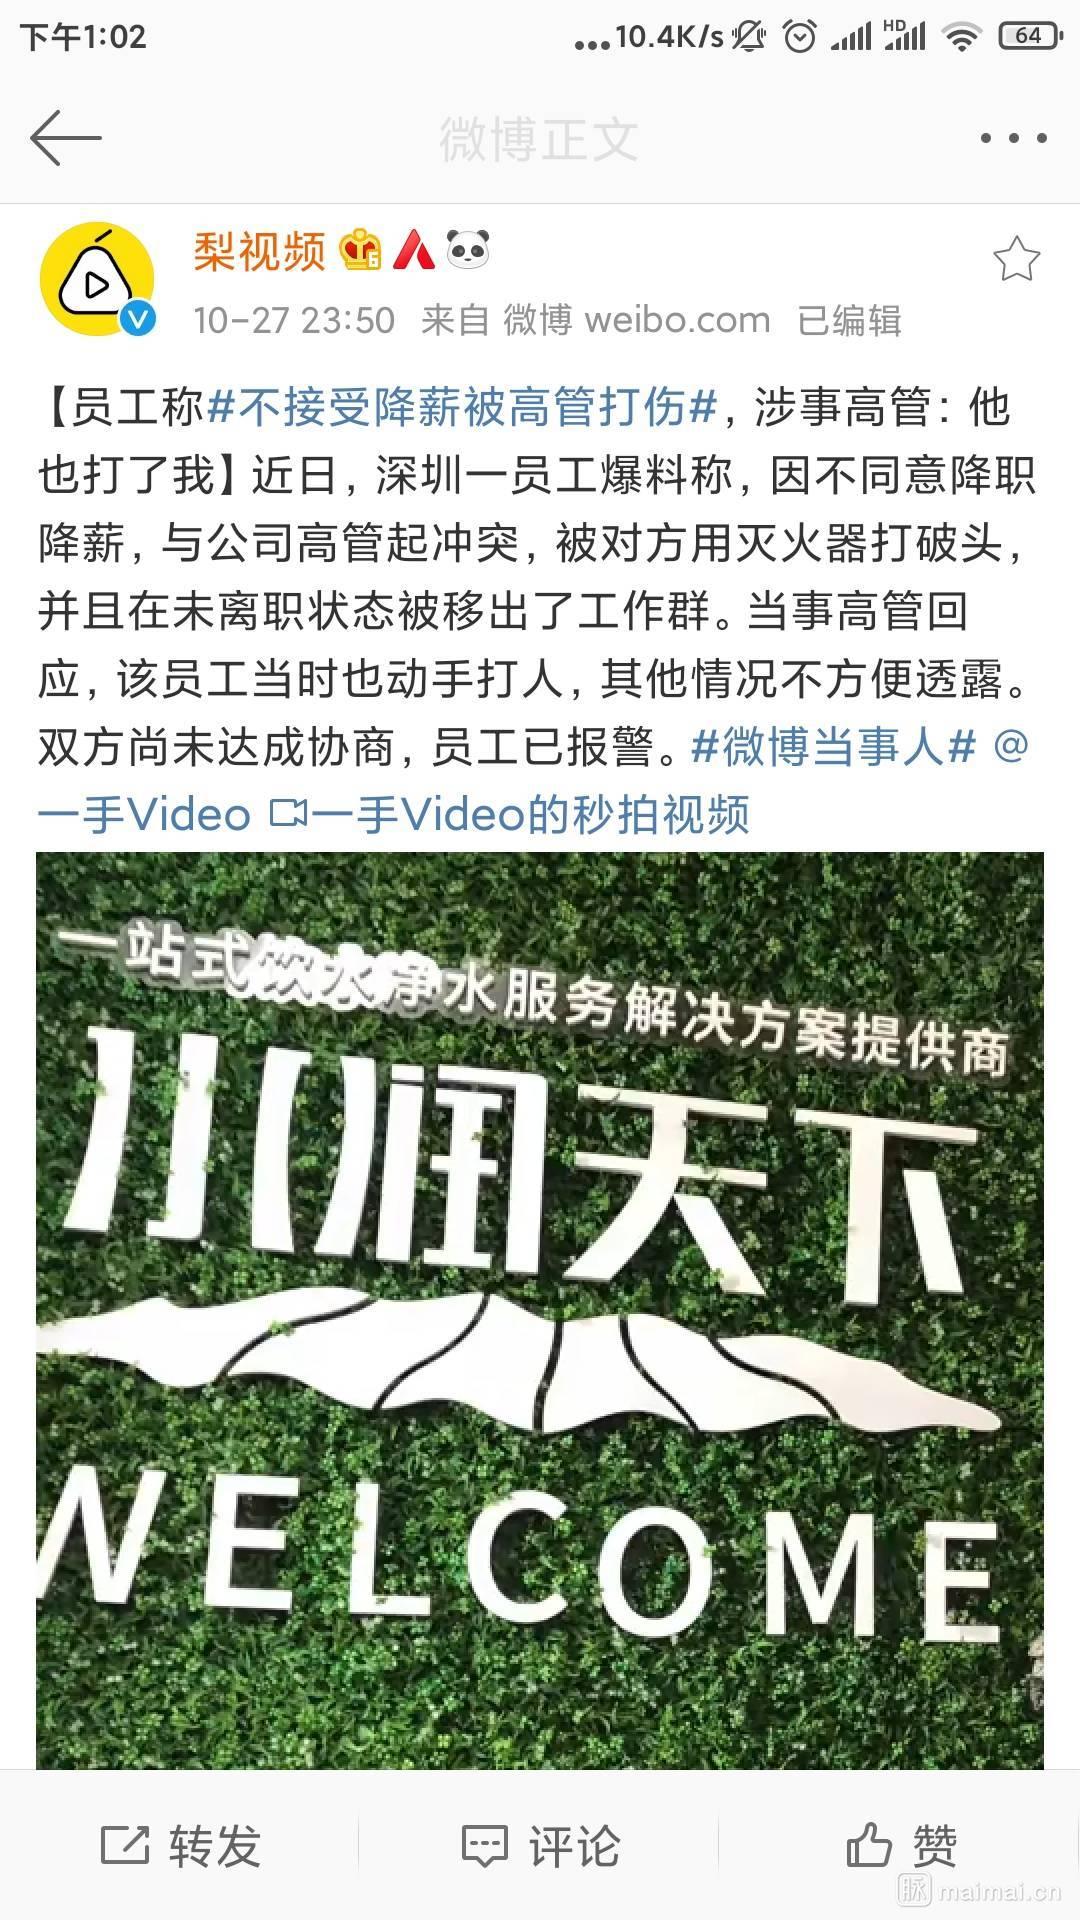 """真""""打·工人""""?深圳一员工#不接受降薪被高管打伤#因不…插图"""